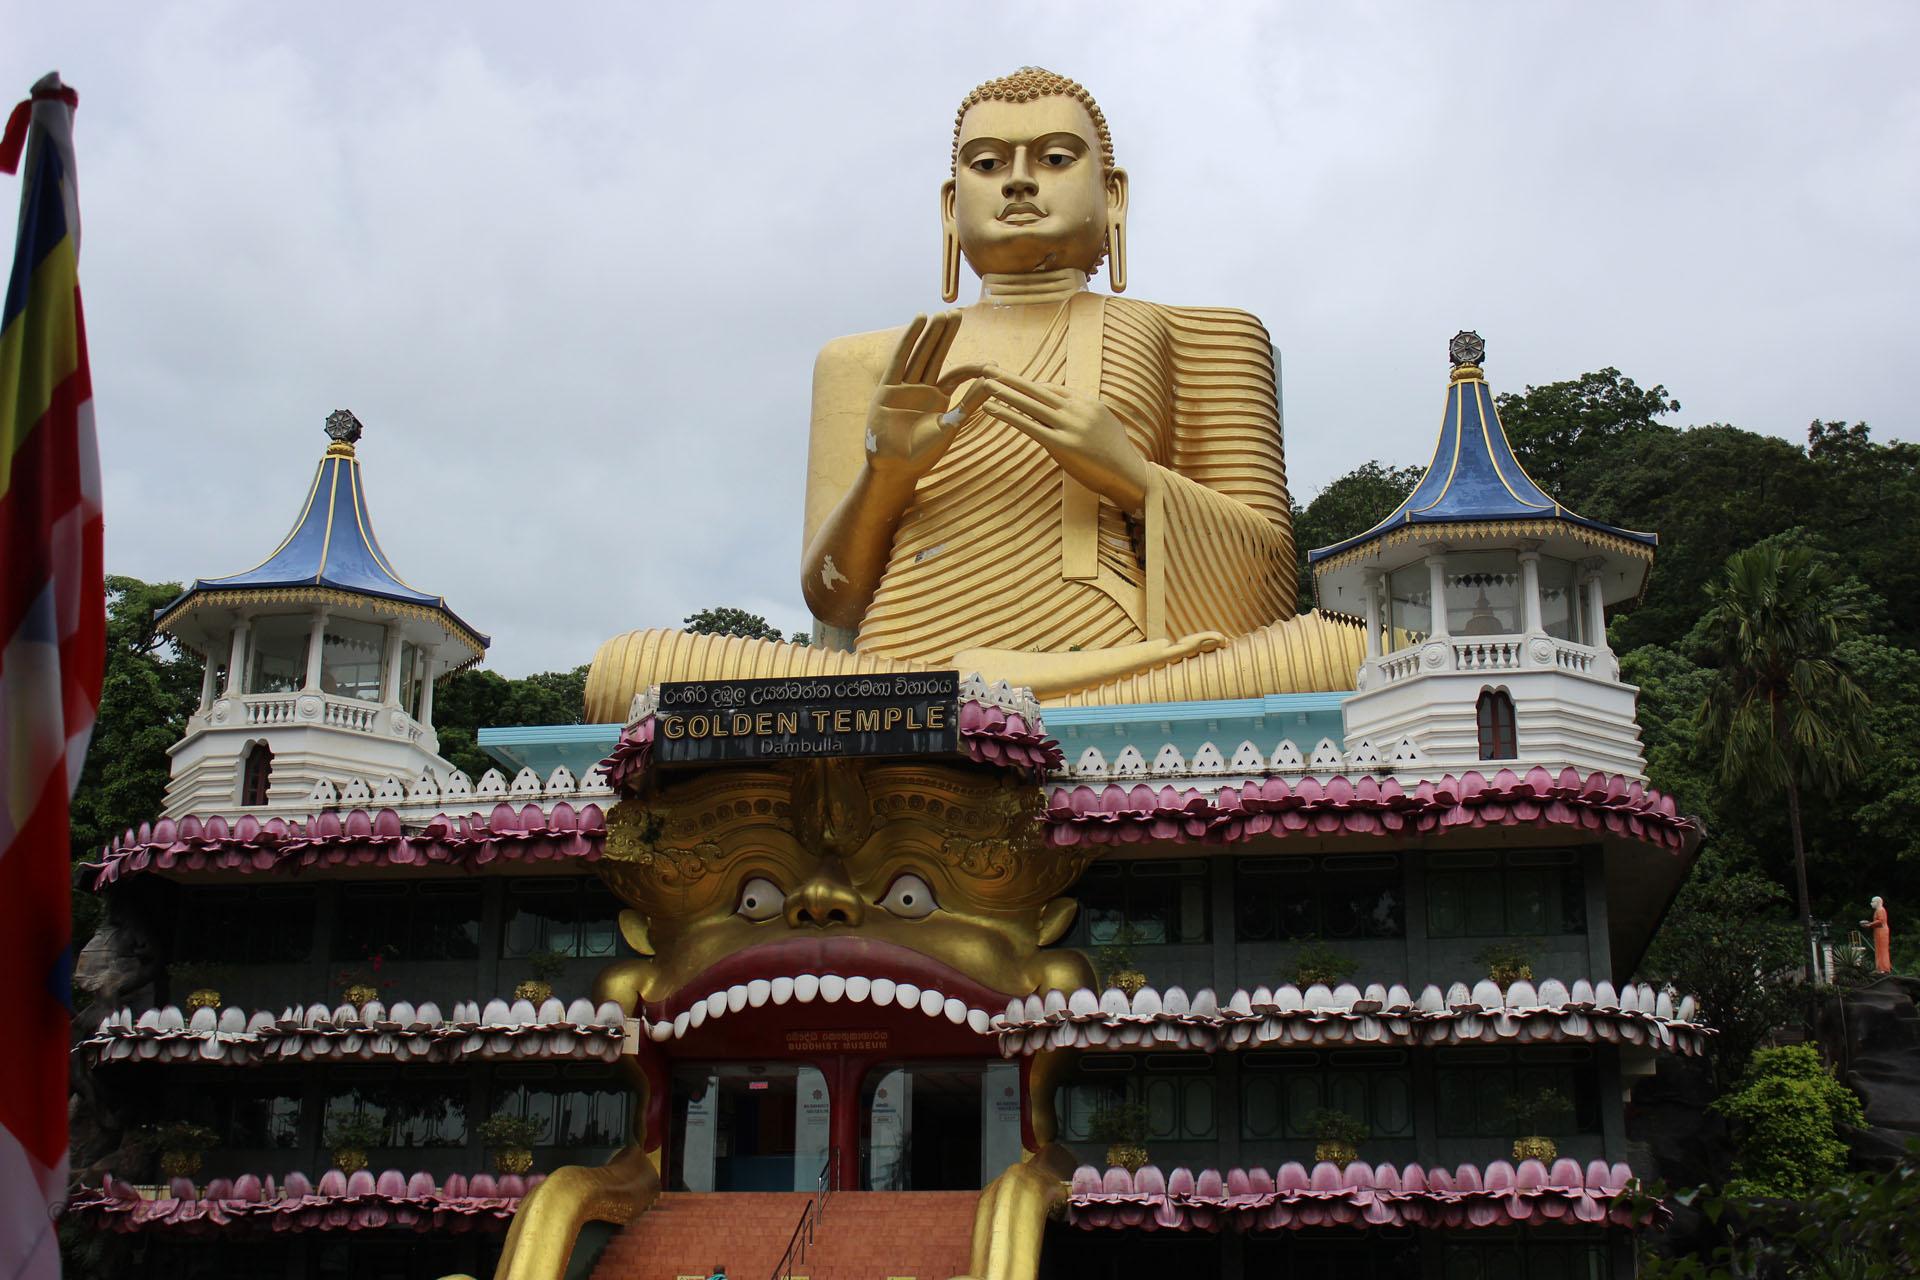 Sri Lanka – The Golden Temple of Dambulla